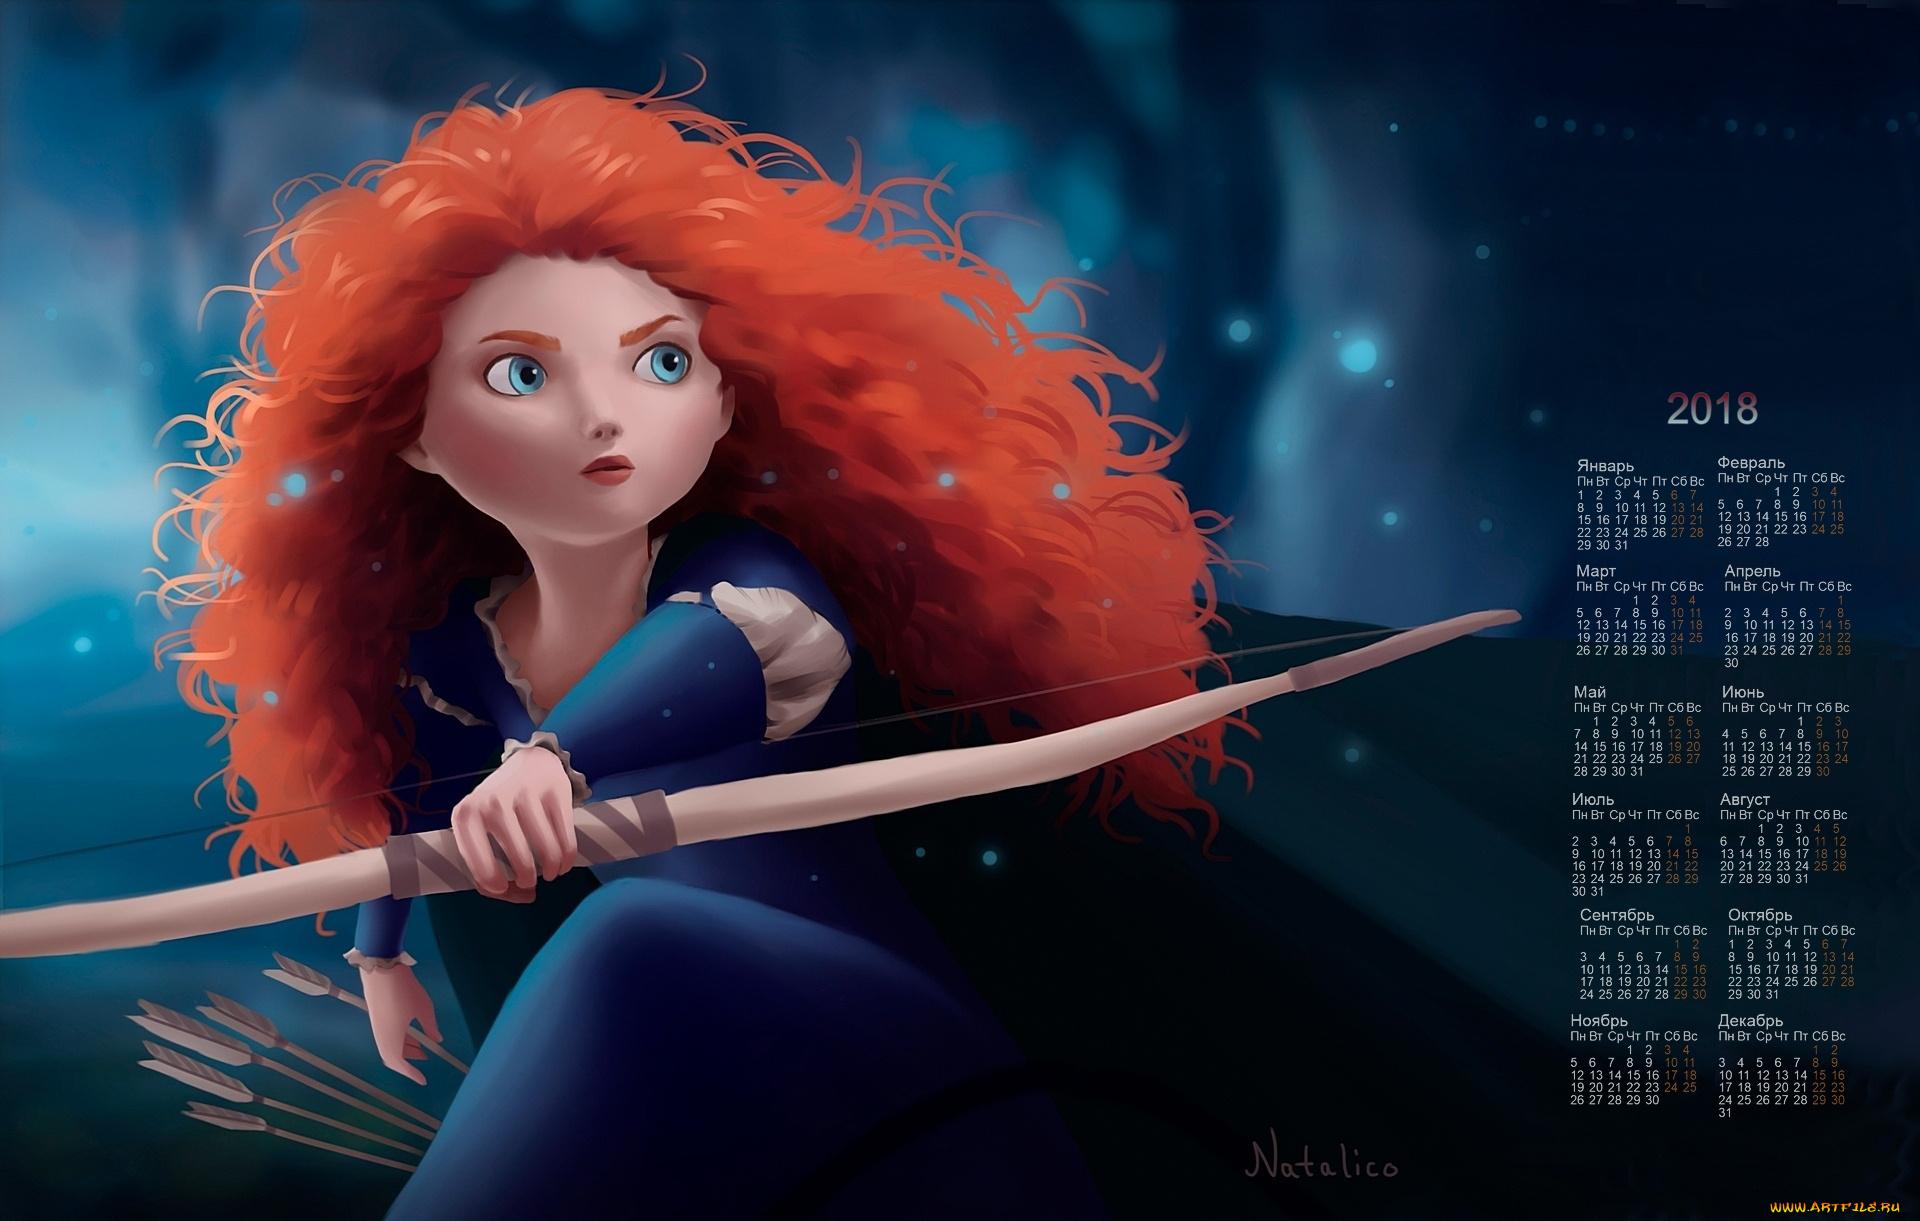 Господне открытка, картинка с рыжей девочкой из мультика